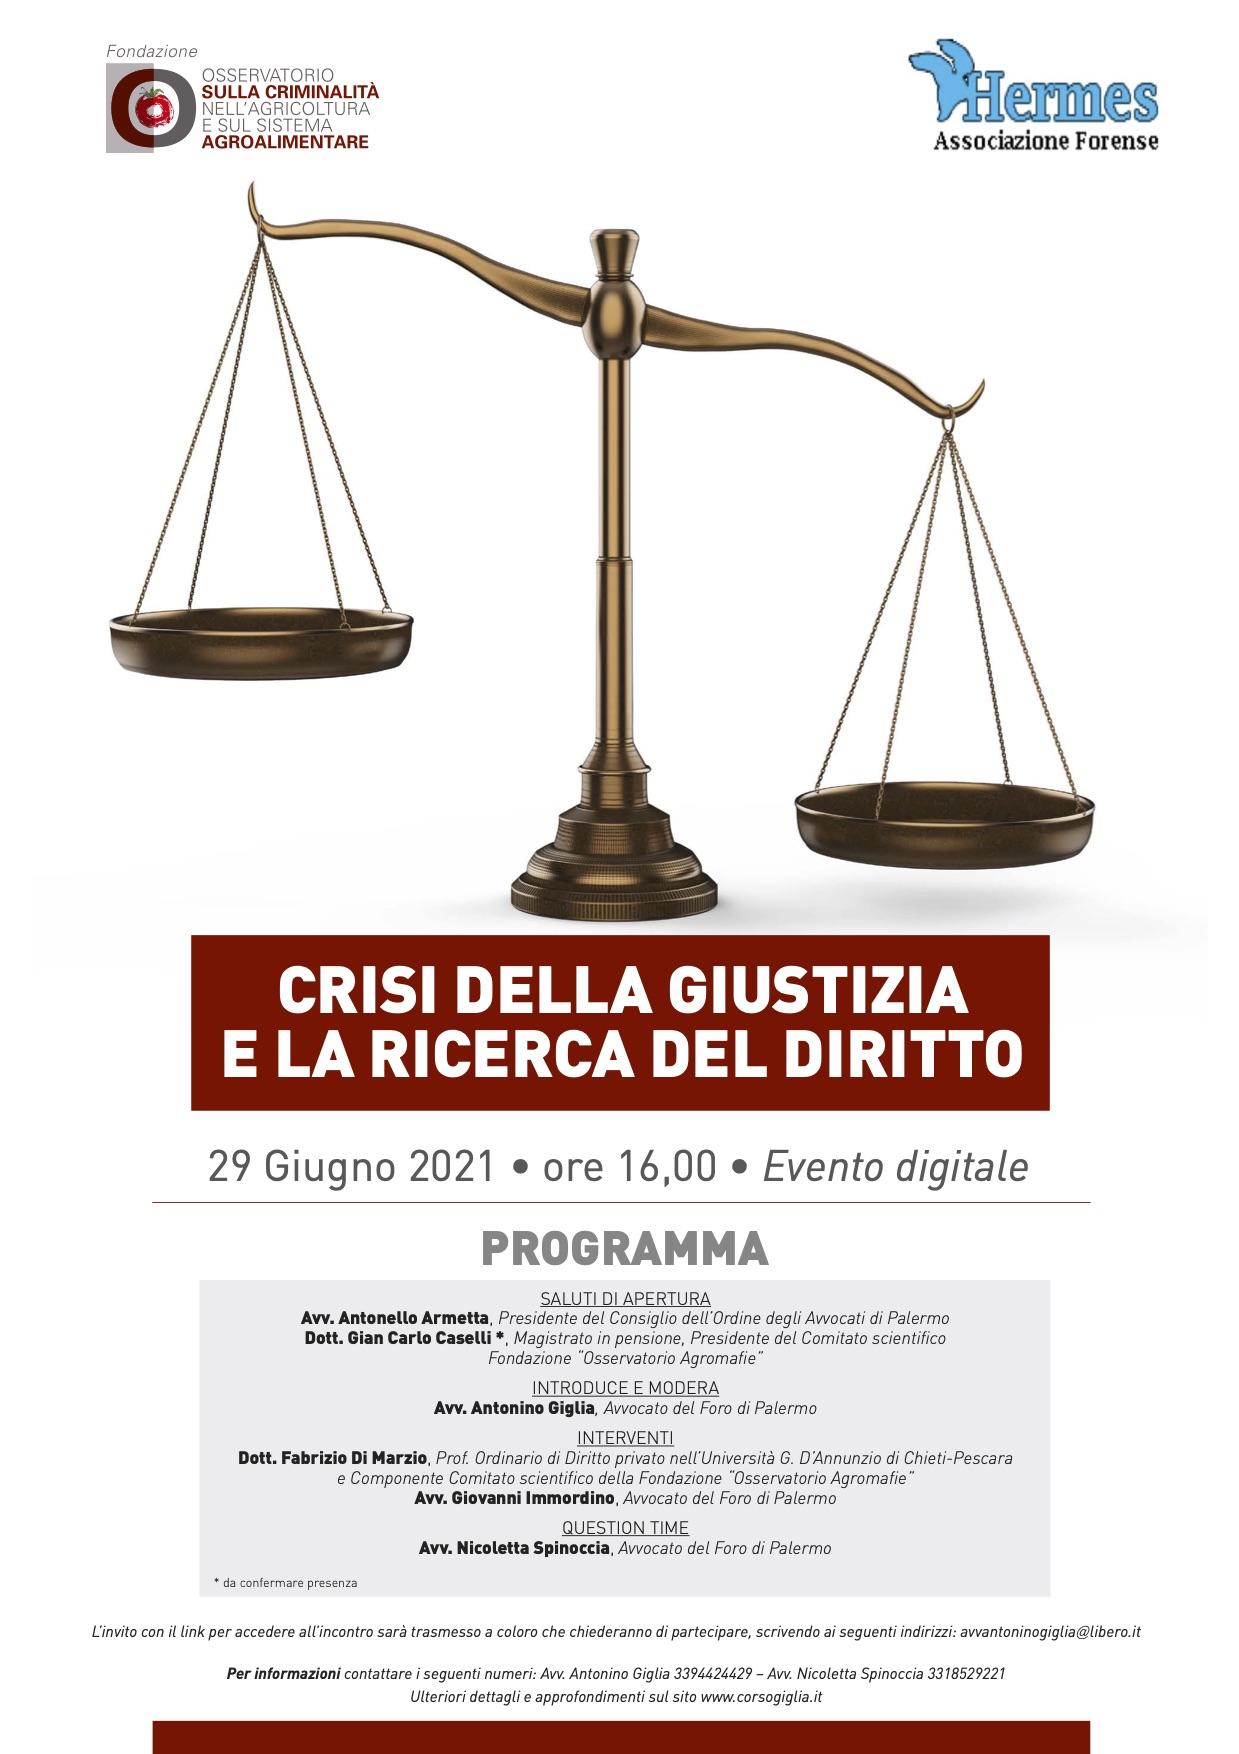 locandina crisi della giustizia 29 giugno 2021 d